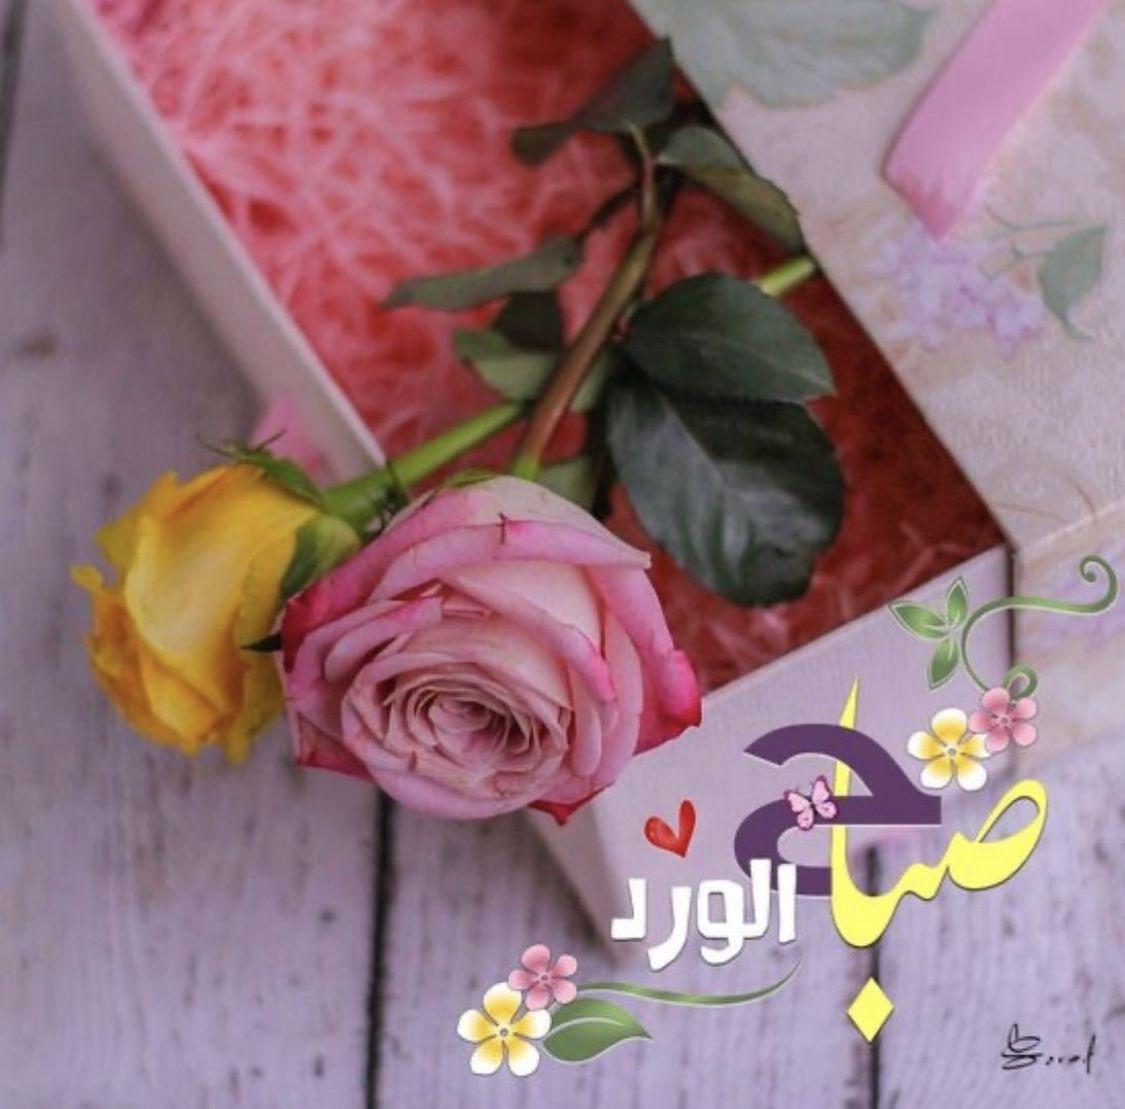 صباح الخير Good Morning Greetings Good Morning Arabic Good Morning Wishes